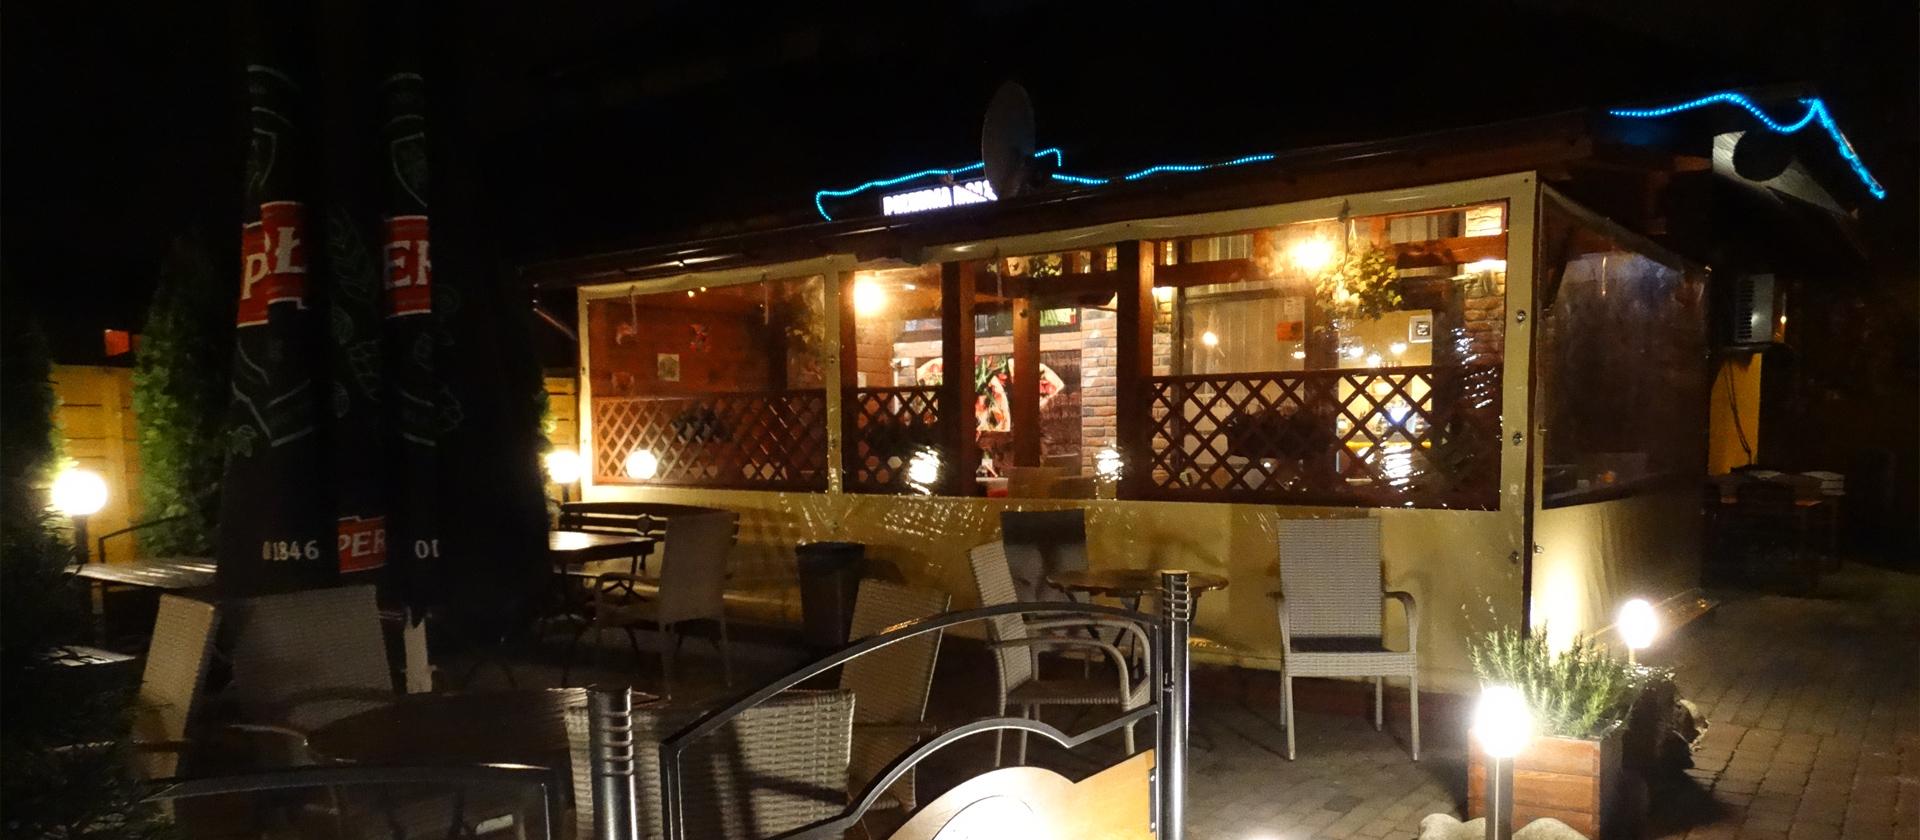 Tawerna Pizzeria Bolzano